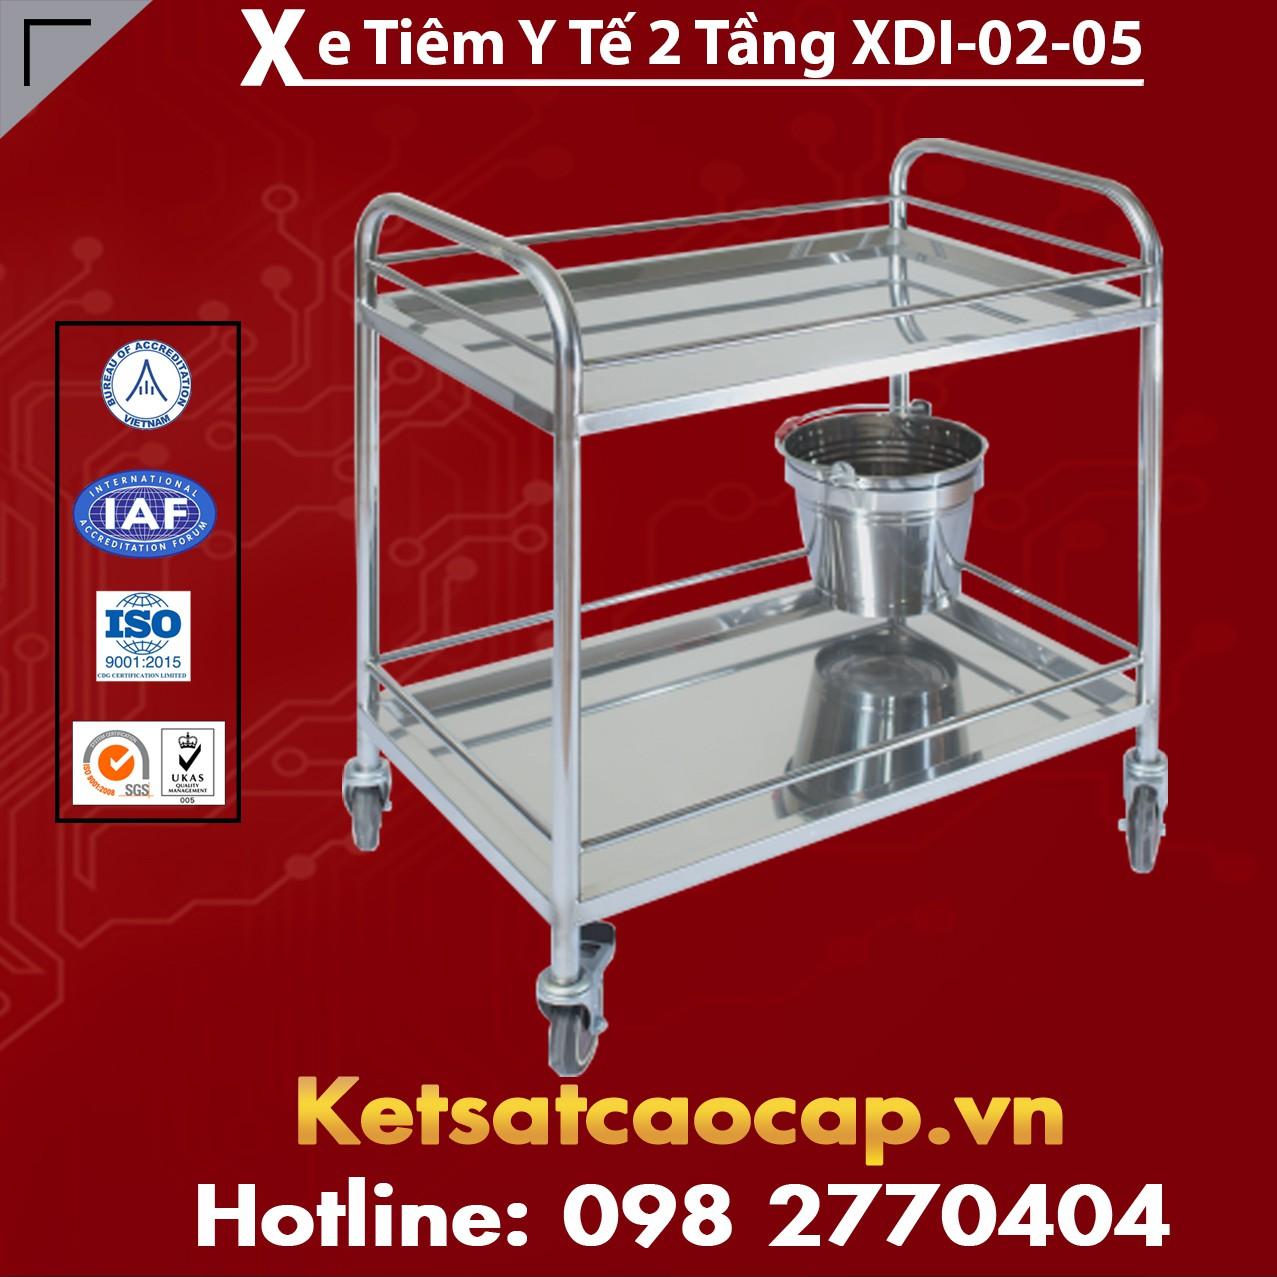 Xe Tiêm Y Tế 2 Tầng XDI-02-05